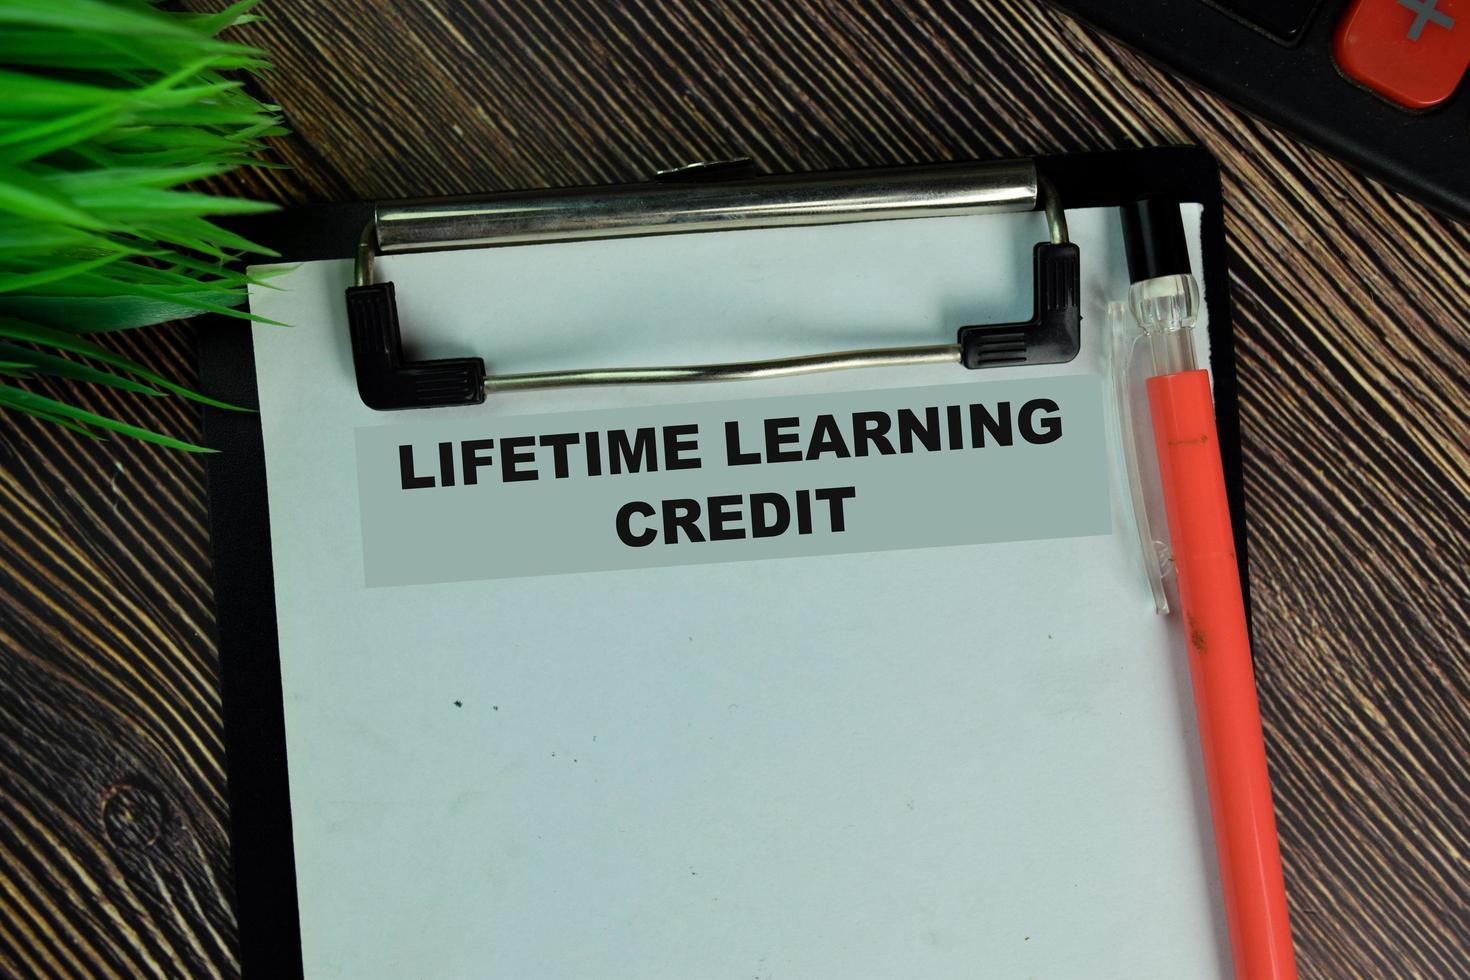 levenslange leerkrediet geschreven op papierwerk geïsoleerd op een houten tafel foto